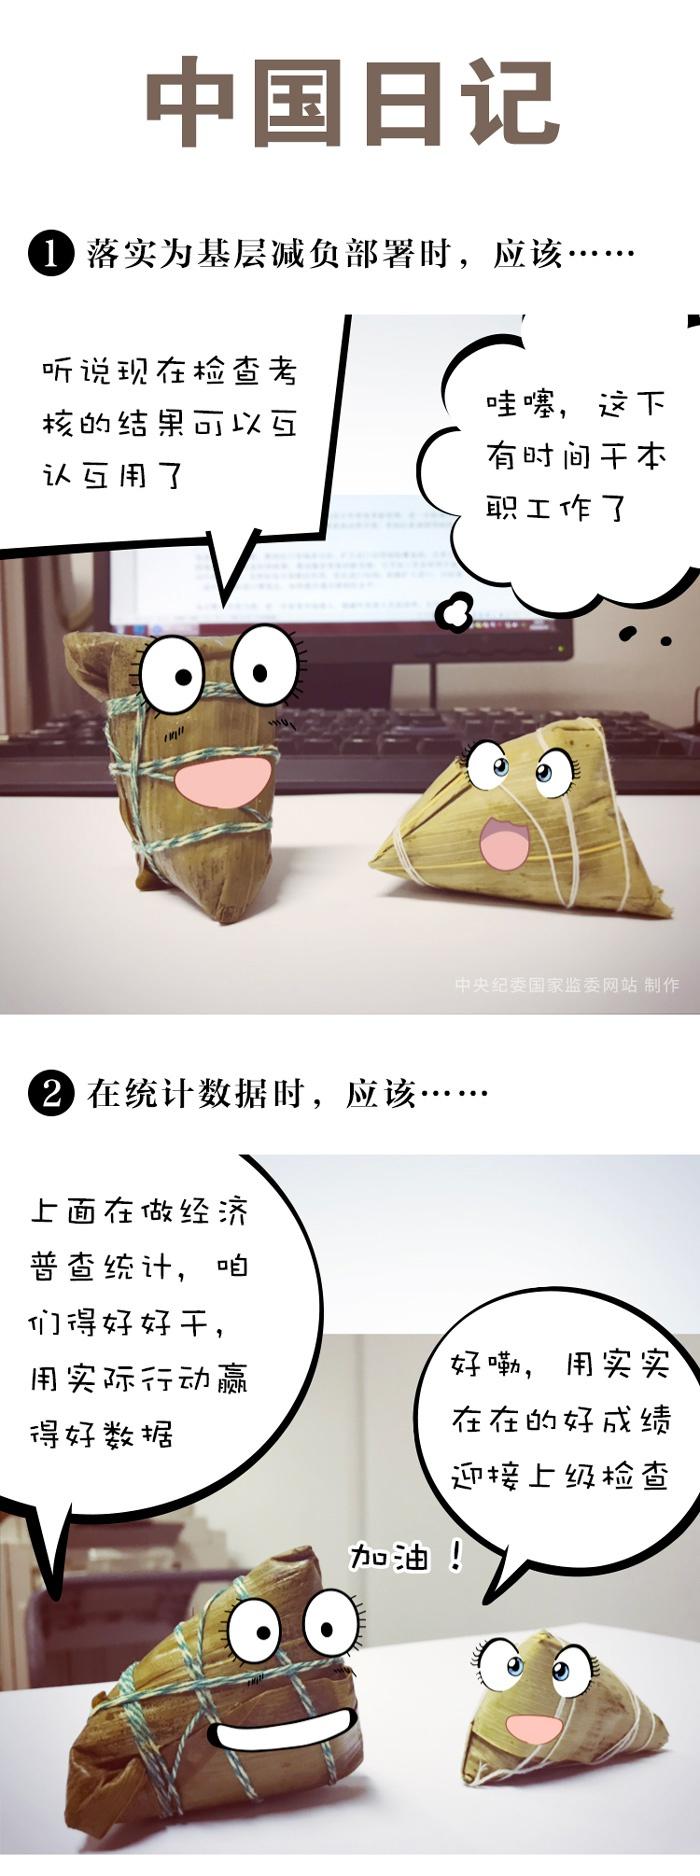 [摩天平台]萌海摩天平台报粽粽给你的端午温馨提图片